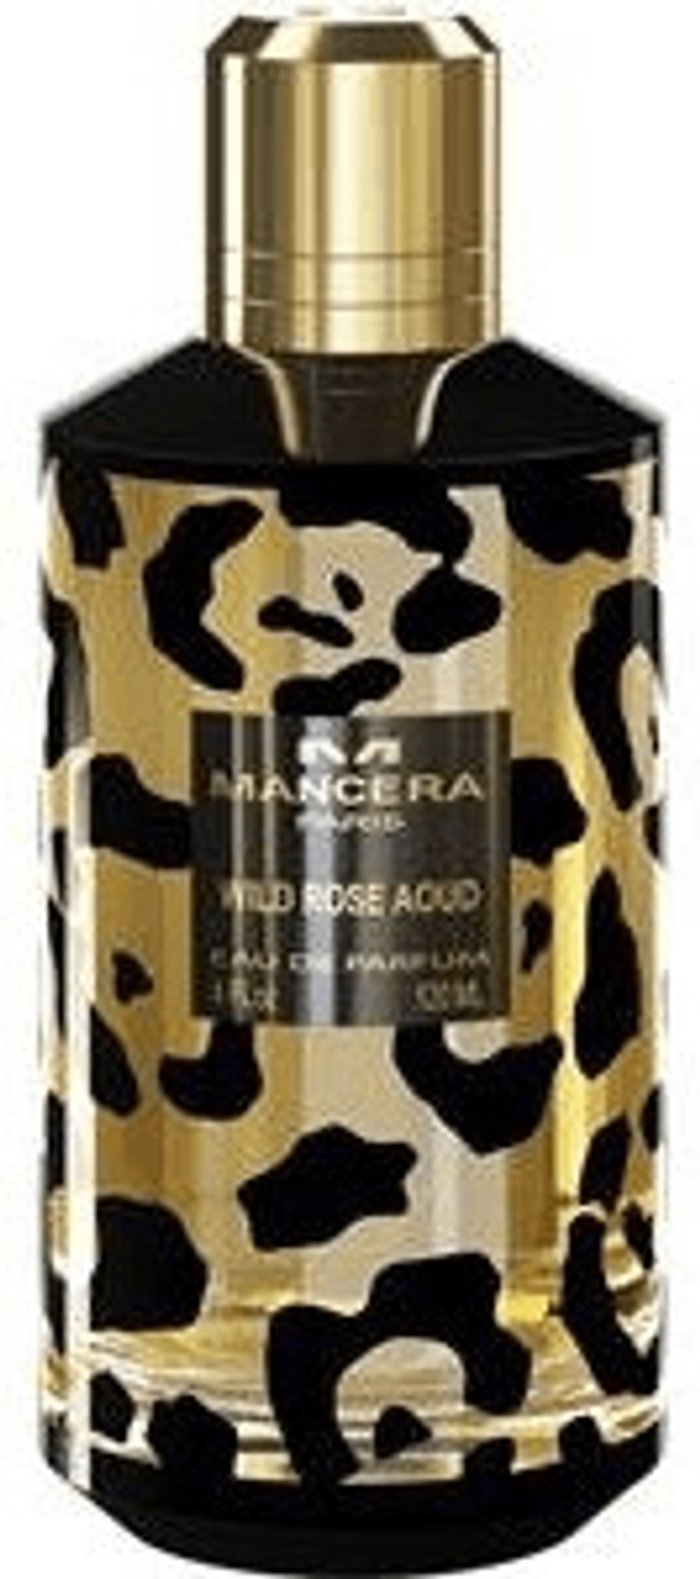 Mancera Mancera Wild Rose Aoud Eau de Parfum